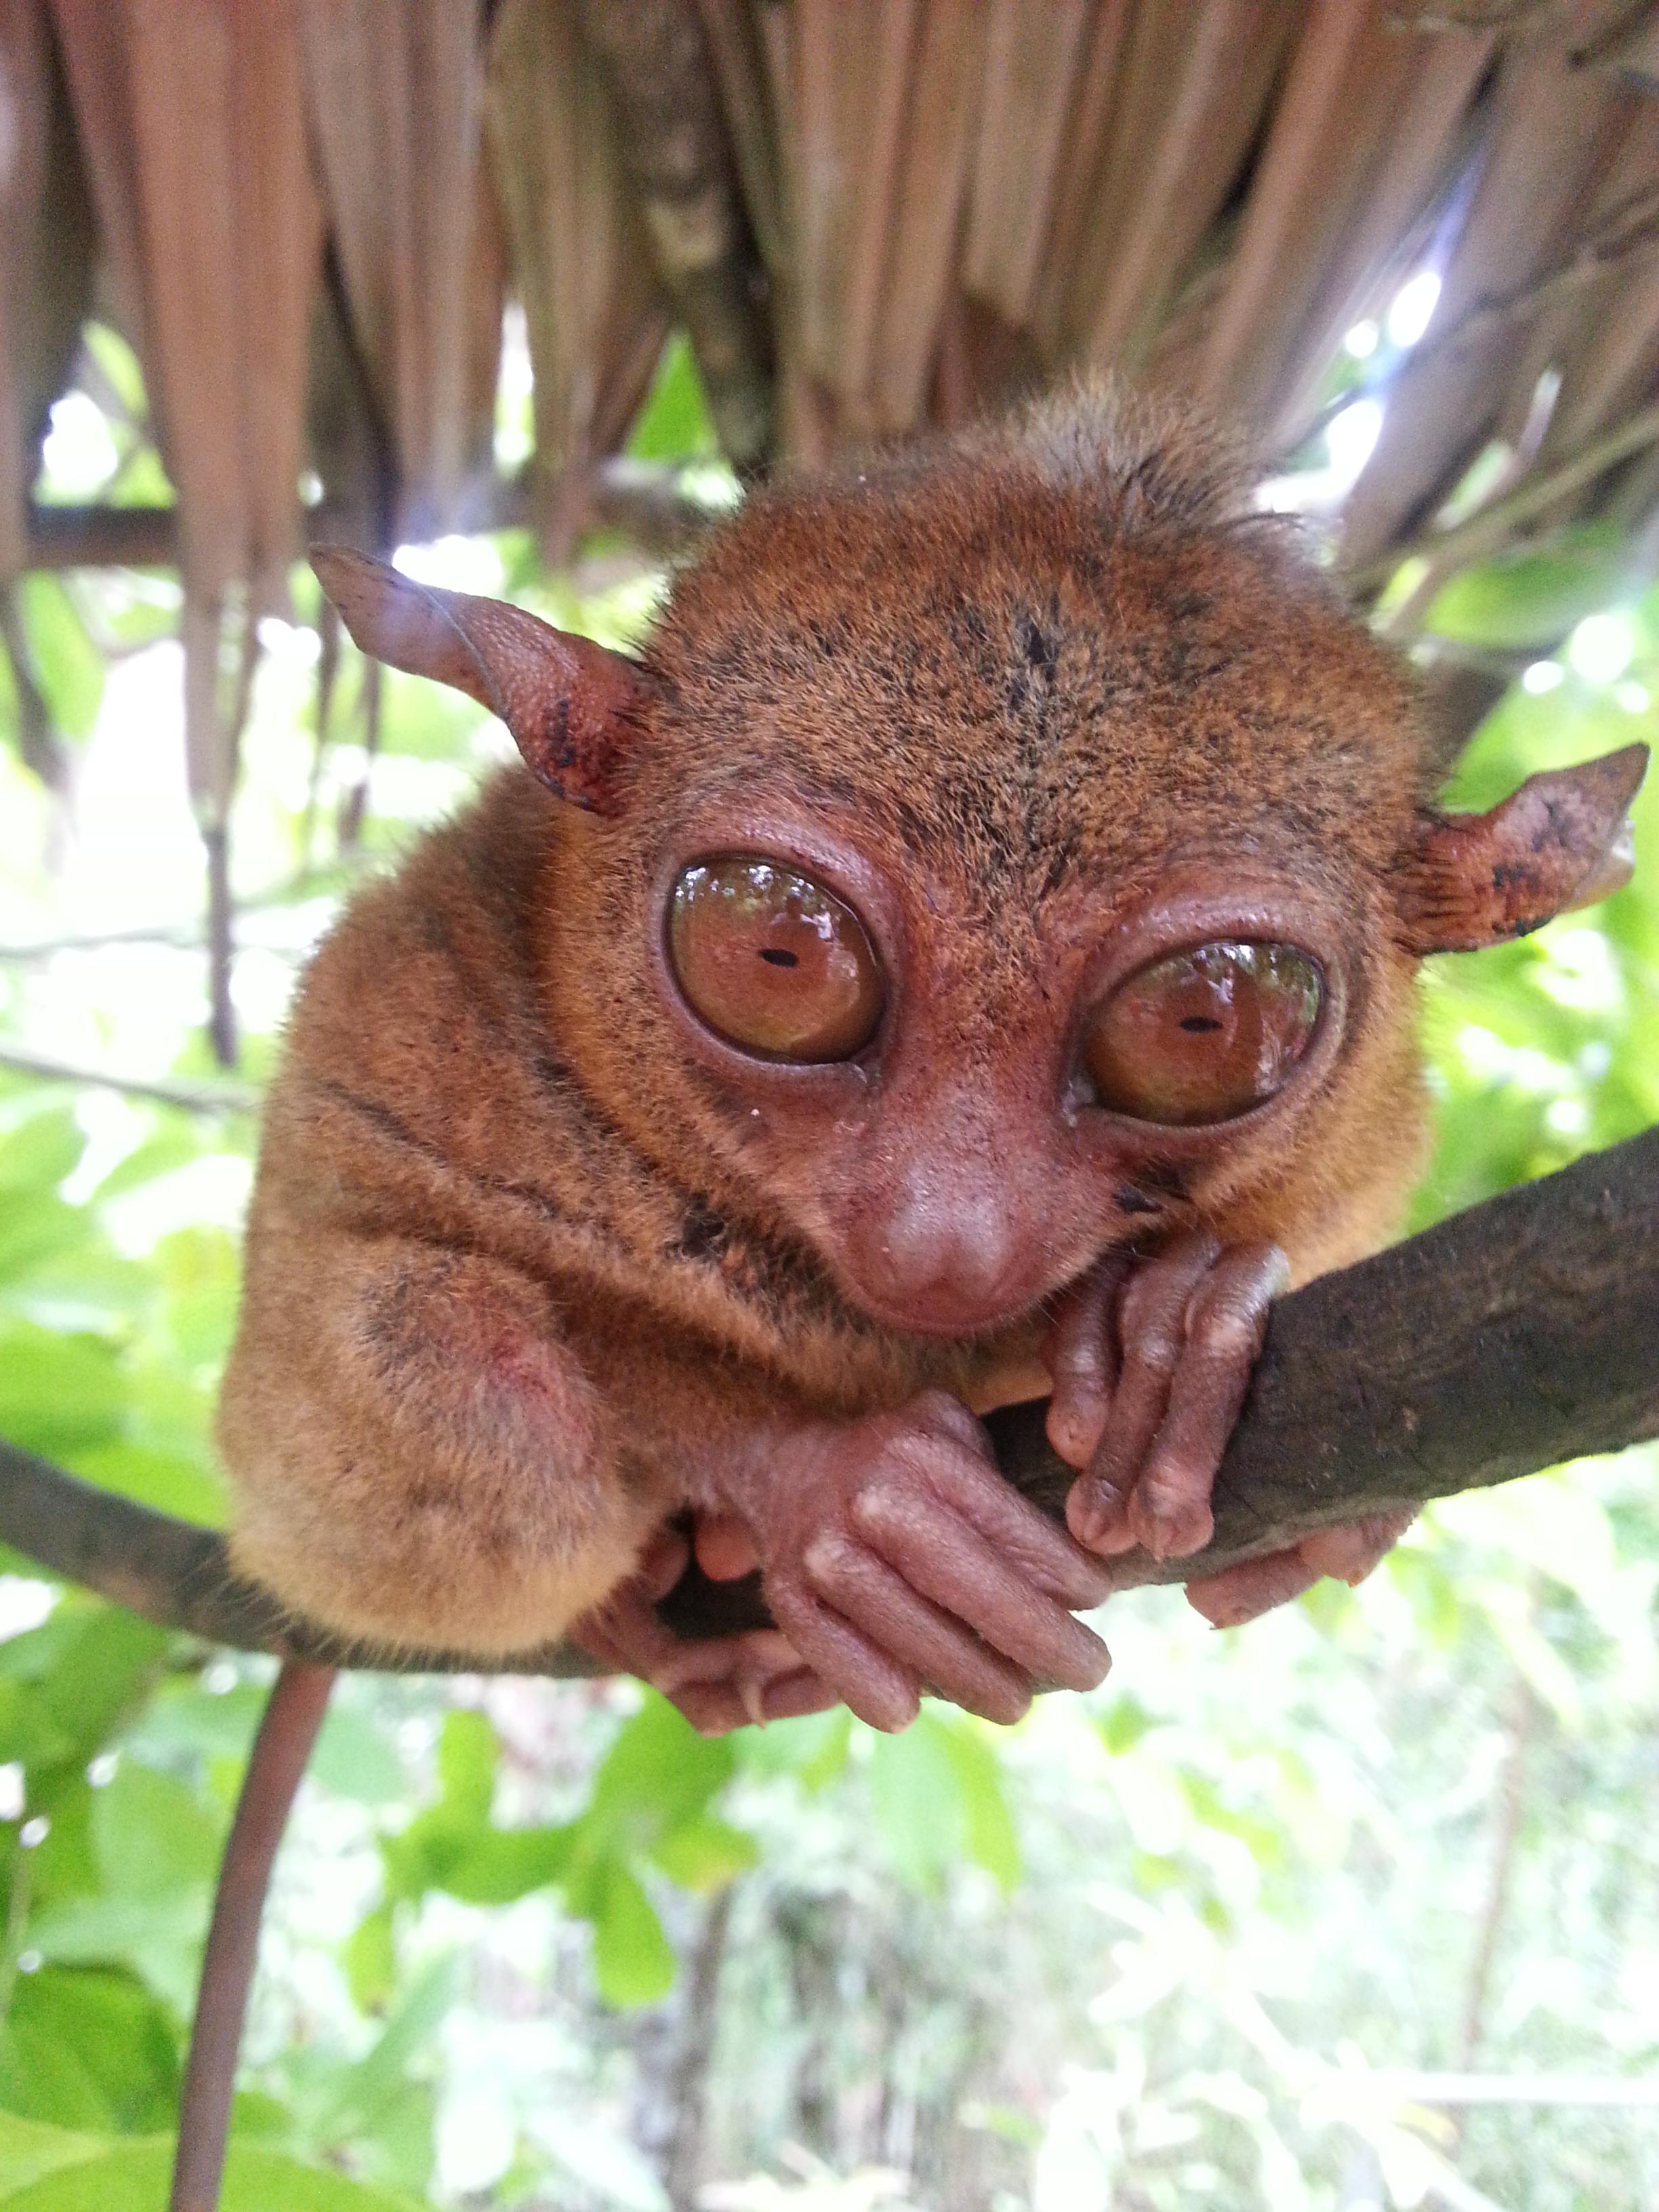 眼镜猴好迷你一只,动作很慢,眼睛好大.